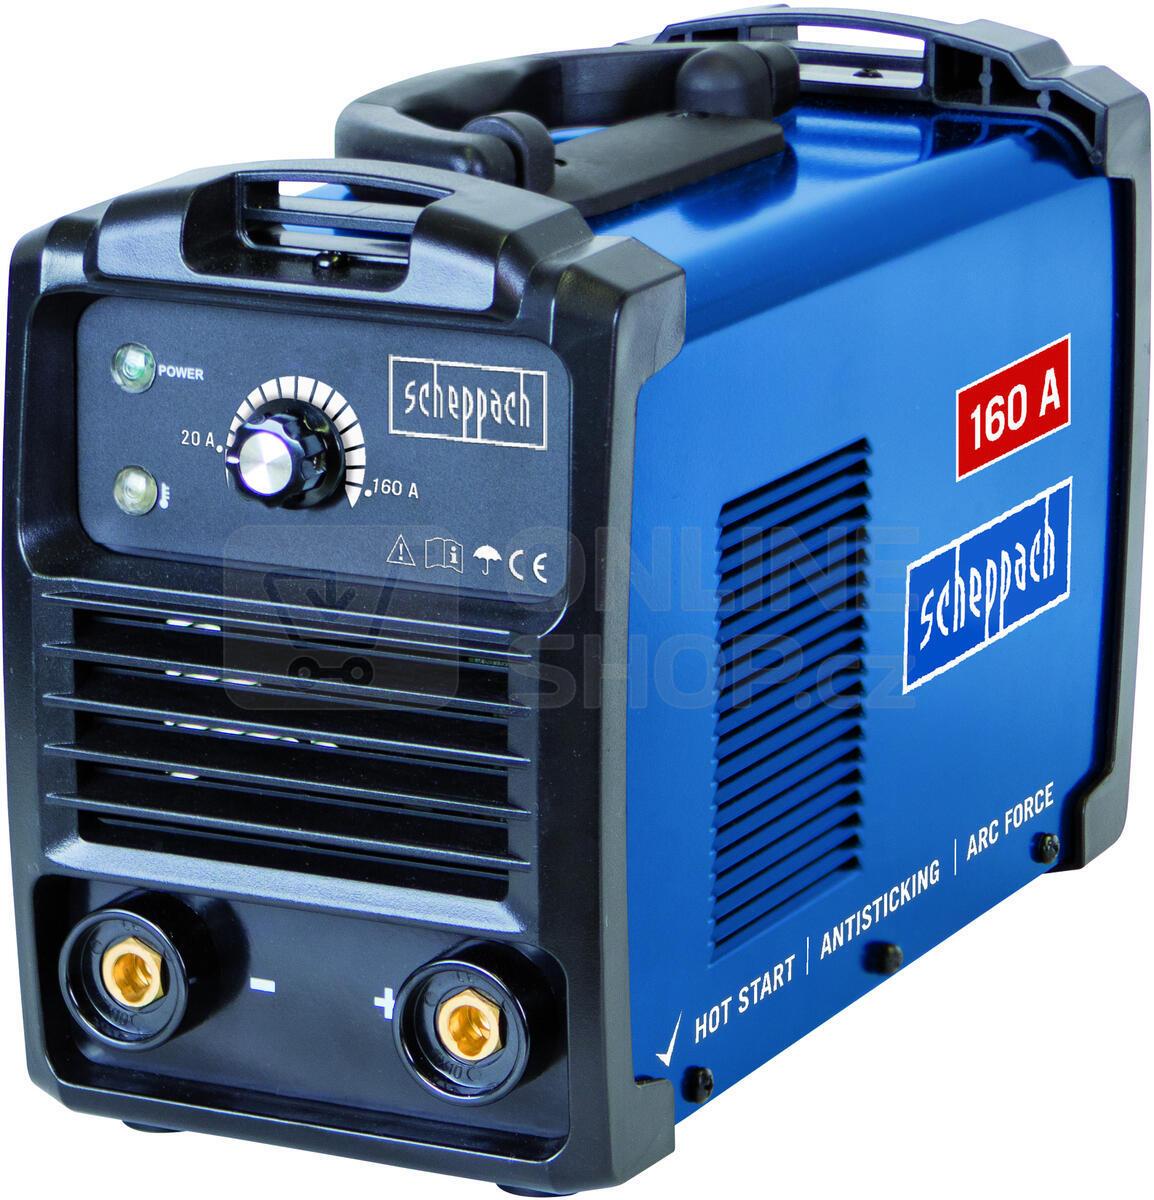 Svářecí invertor Scheppach WSE900 160 A s příslušenstvím